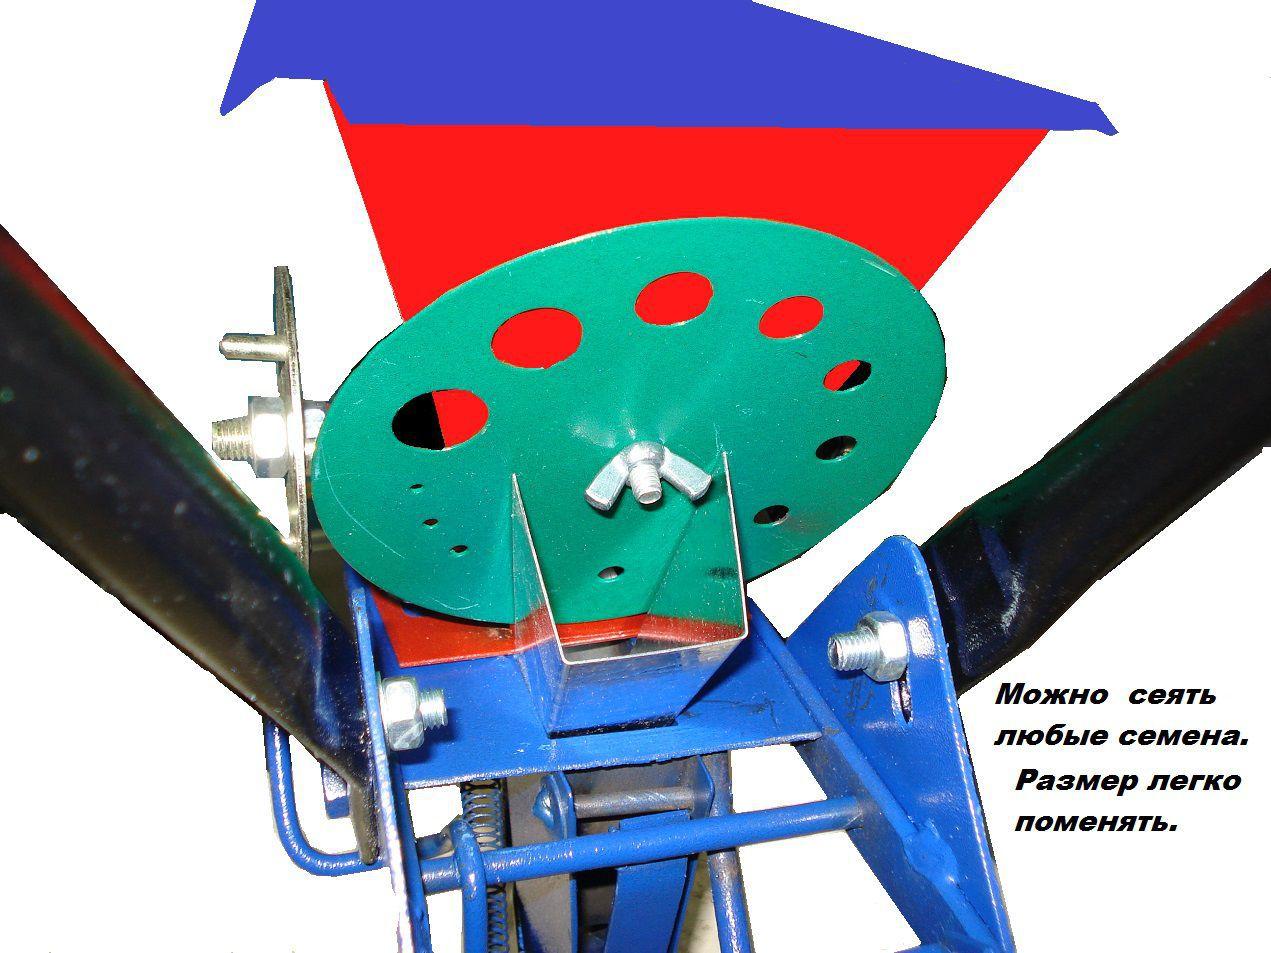 диск для сеялки как сделать 000 рублей кальсоны